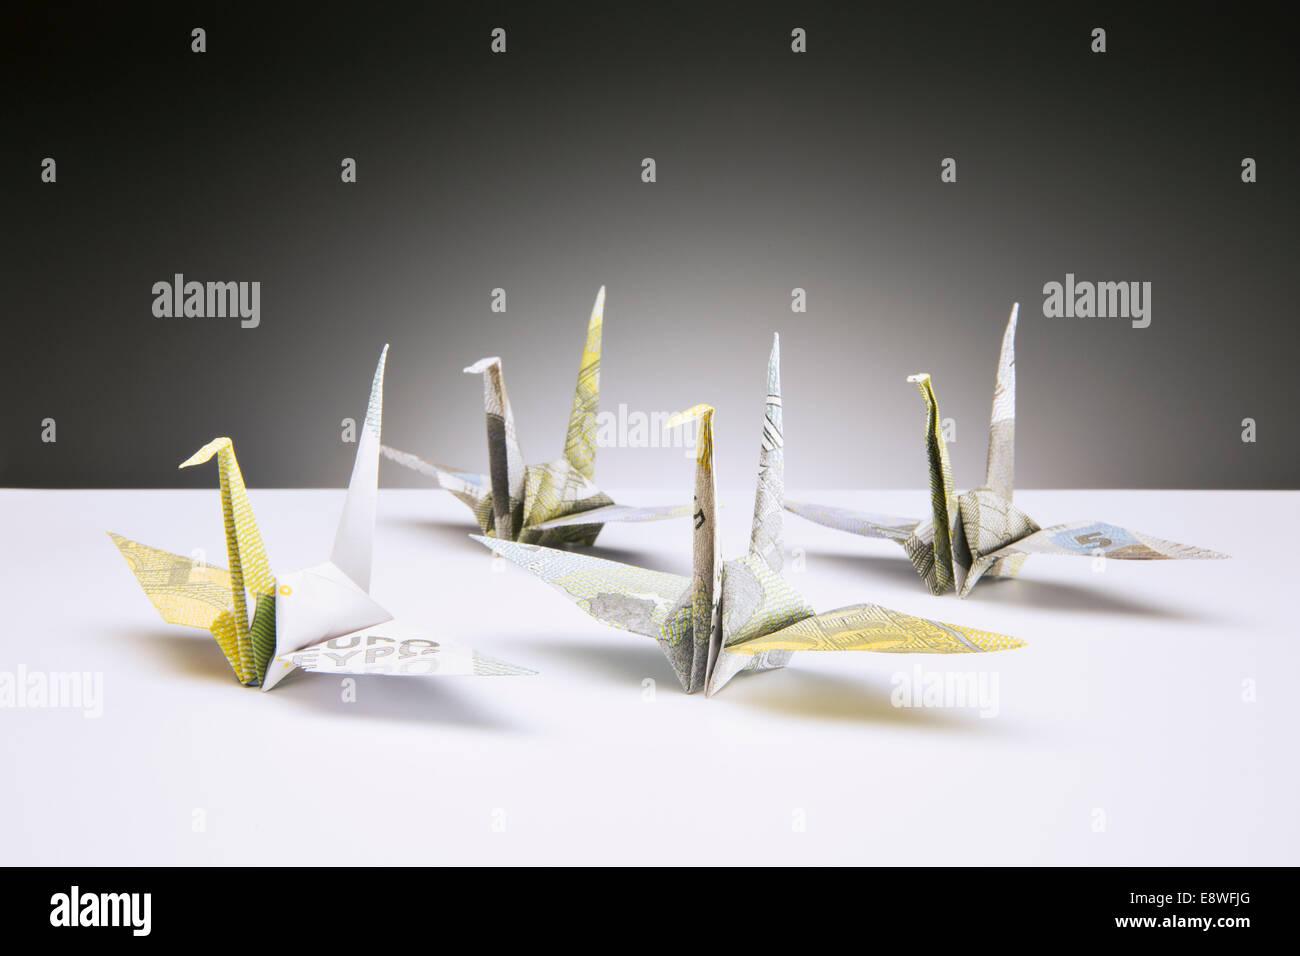 Origami-Kraniche auf Zähler von Euro gemacht Stockbild